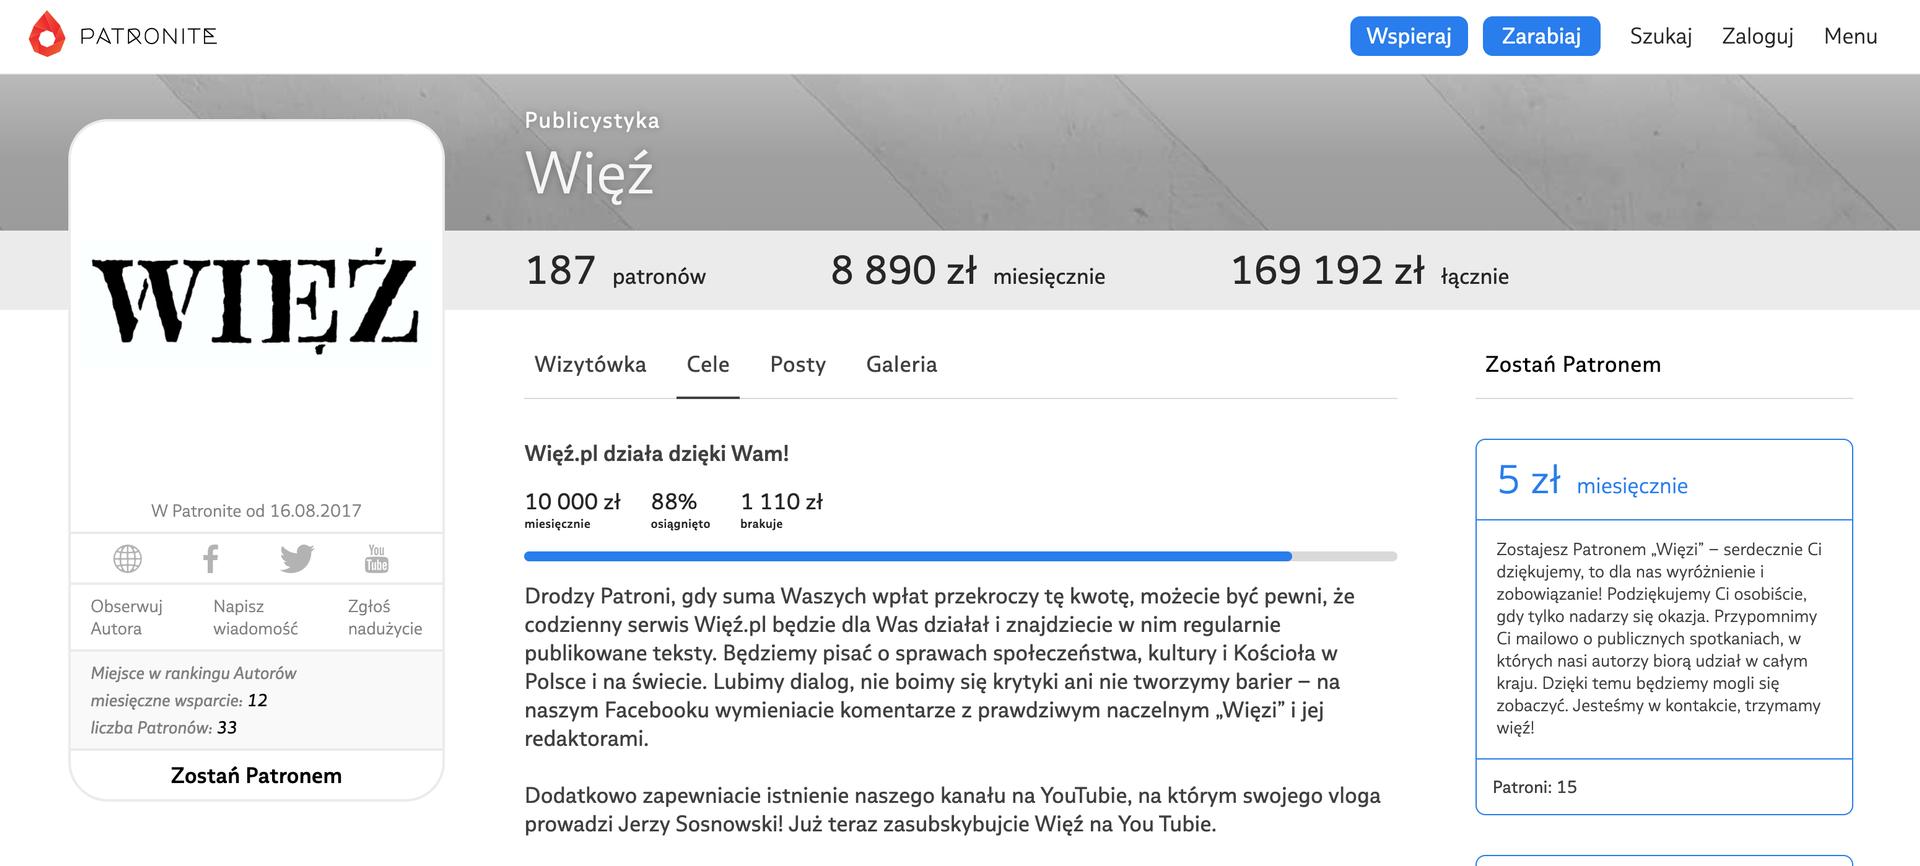 Konto Towarzystwa Więź w serwisie Patronite.pl